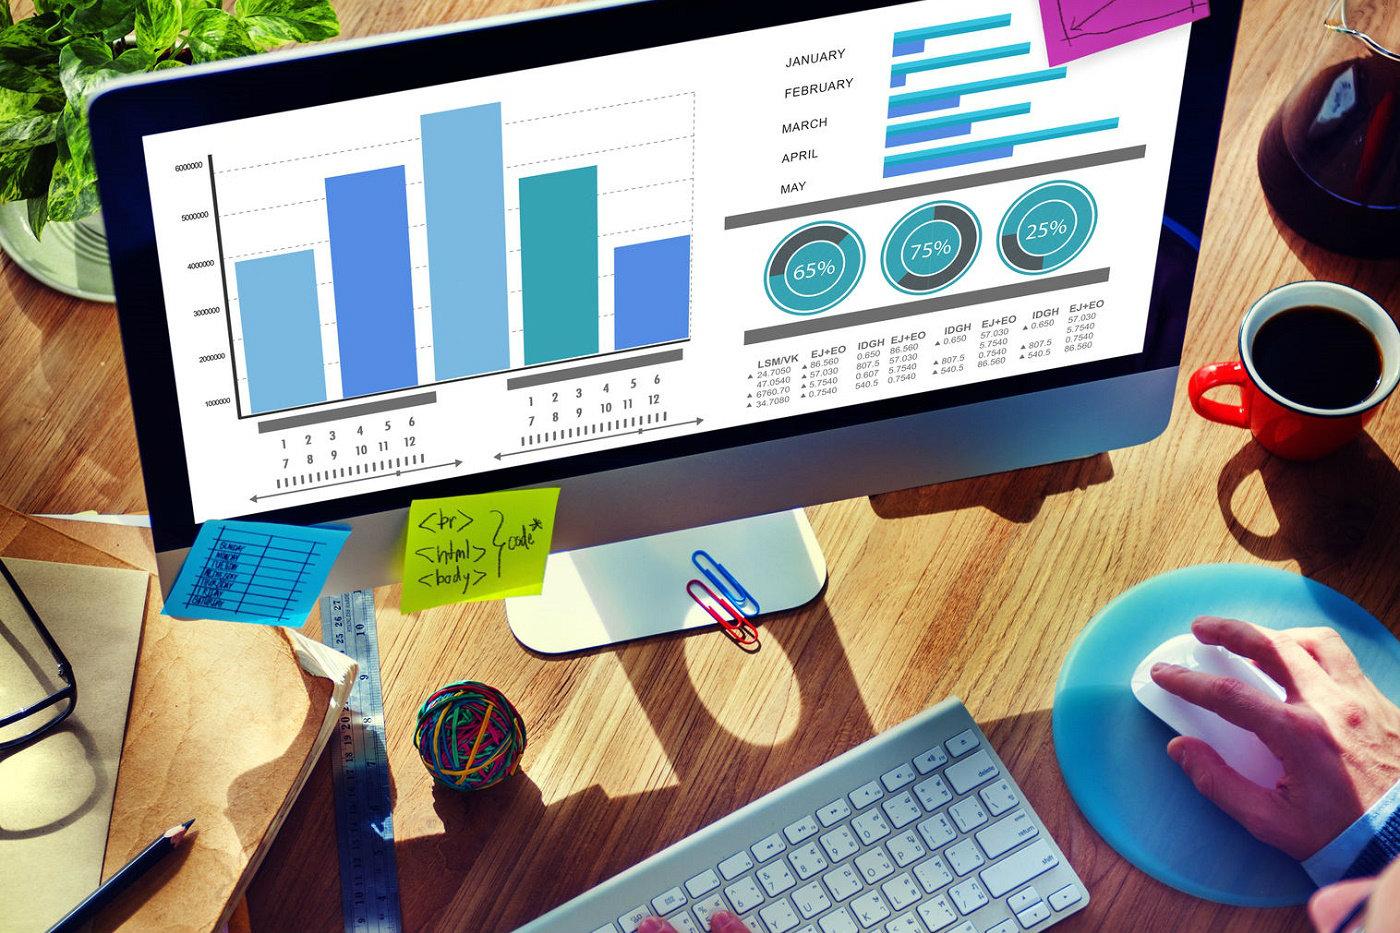 Como usar o poder dos dados em todos os artigos que você escrever